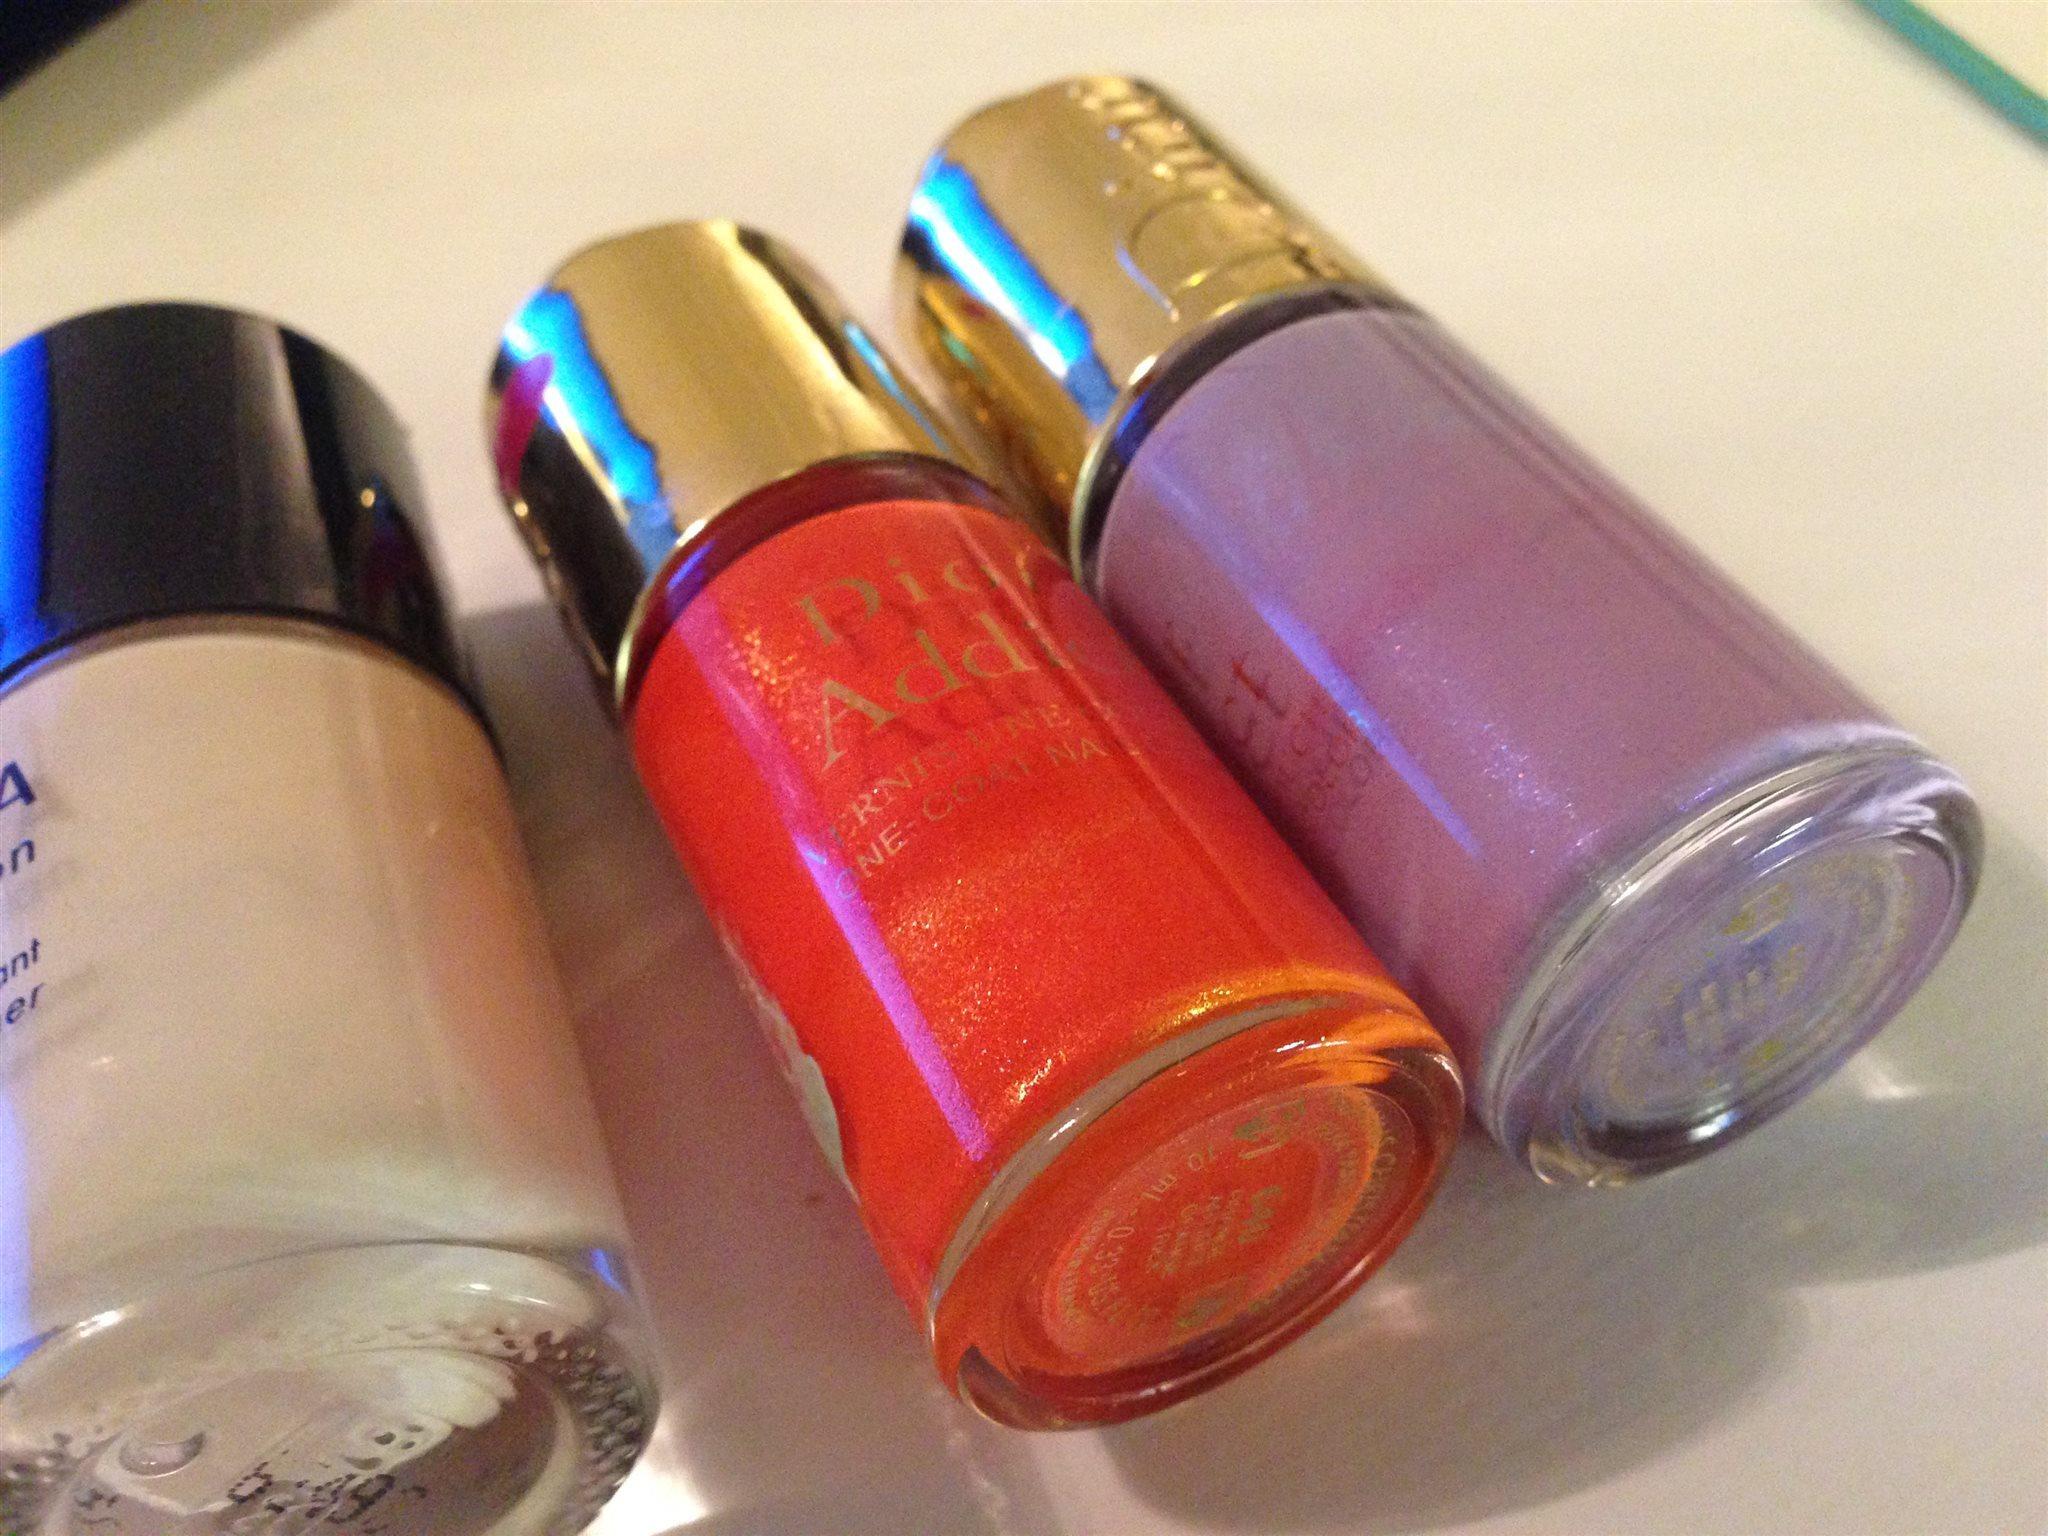 Paket - DIOR. Dior Addict - 2 st. nagellack + SEPHORA - multiaction